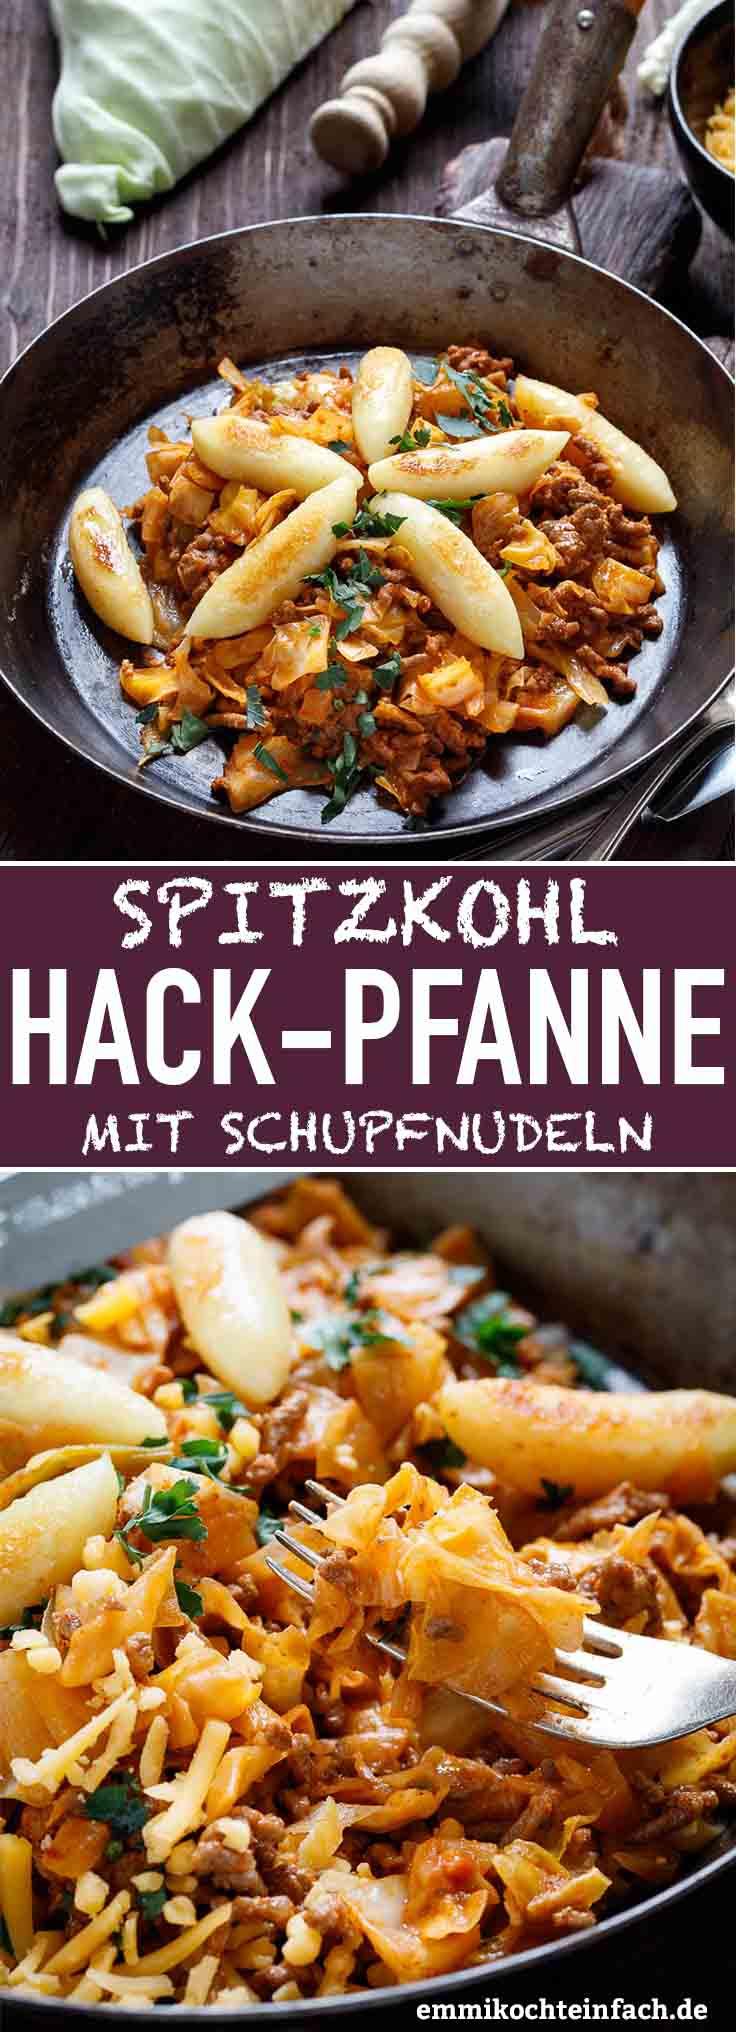 Spitzkohl-Hackpfanne mit Schupfnudeln - www.emmikochteinfach.de